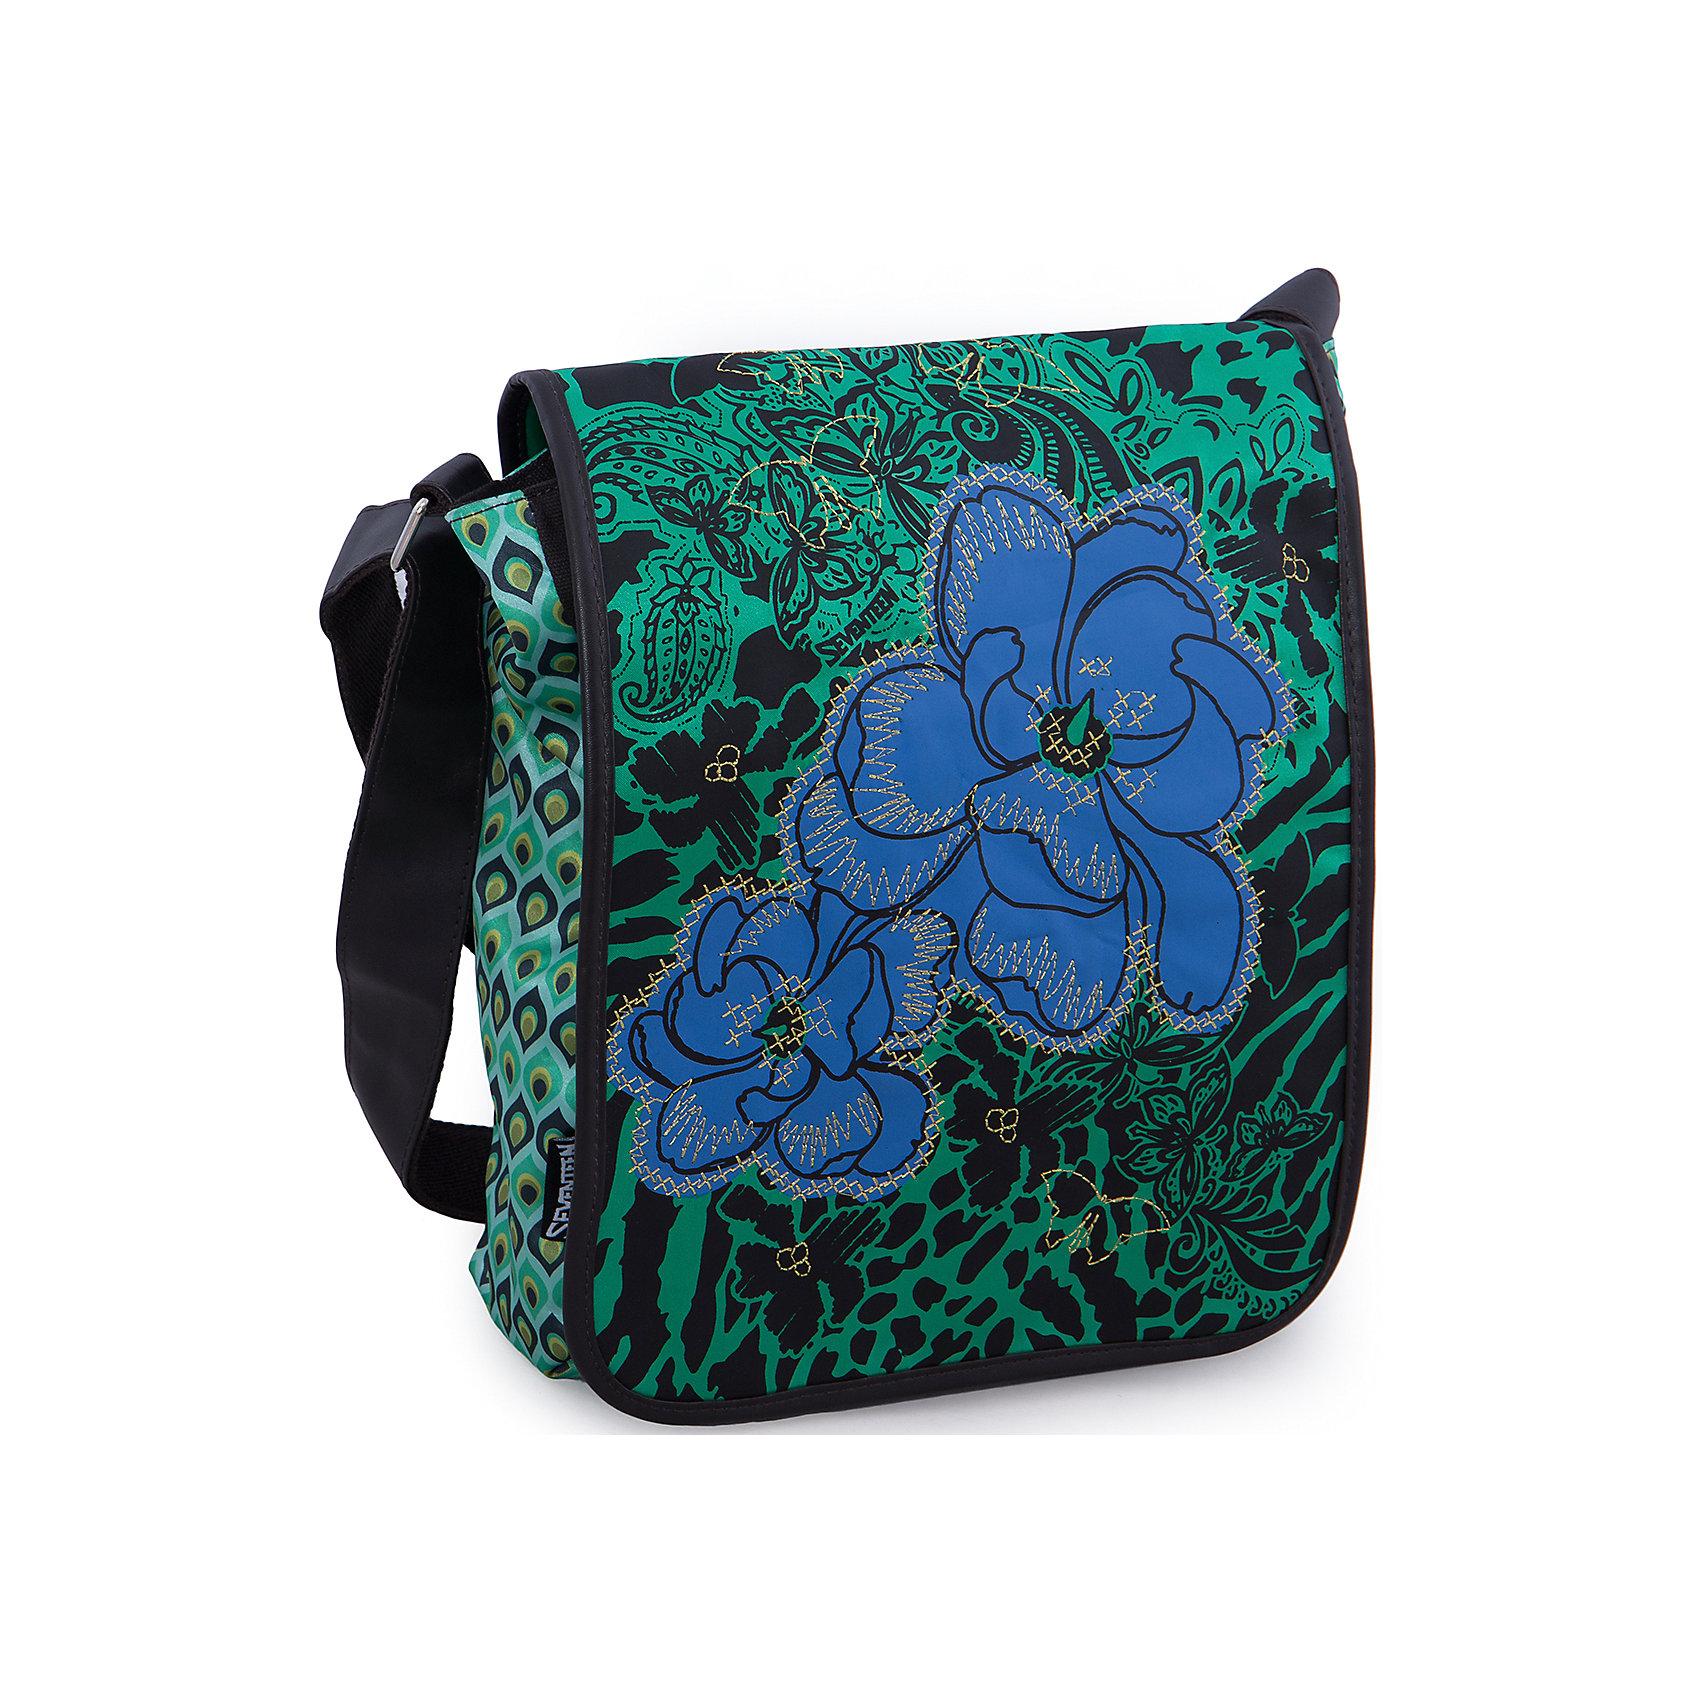 Сумка, SeventeenШкольные сумки<br>Подобрать сумку для старшеклассницы бывает непросто: современные школьницы внимательно следят за модой и отдают предпочтение стильным вещам. Чтобы дочка постоянно не одолжала Вашу сумку, подарите ей стильную новинку от Seventeen. Бренда, который за дизайн и удобство полюбили и школьники и студенты! Яркая сумка с уникальной расцветкой из прочного текстиля застегивается на надежную молнию. Помимо вместительного основного отделения в сумке имеются карманы для важных мелочей. Сумка из текстиля почти невесомая, что особенно важно для современных школьников, в прямом смысле слова загруженных учебниками и тетрадями.<br><br>Дополнительная информация:<br><br>- Стильный дизайн идеален для подростков;<br>- Легкая и компактная;<br>- Регулируемый по длине плечевой ремень позволяет носить сумку как на плече, так и через плечо;<br>- Сумка надежно закрывается на молнию;<br>- Размер: 33 х 26 х 9 см;<br>- Цвет: Зеленый;<br>- Материал: полиэстер;<br>- Вес: 0,4 кг.<br><br>Сумку, Seventeen можно купить в нашем интернет-магазине.<br><br>Ширина мм: 330<br>Глубина мм: 260<br>Высота мм: 90<br>Вес г: 500<br>Возраст от месяцев: 144<br>Возраст до месяцев: 144<br>Пол: Женский<br>Возраст: Детский<br>SKU: 3563328